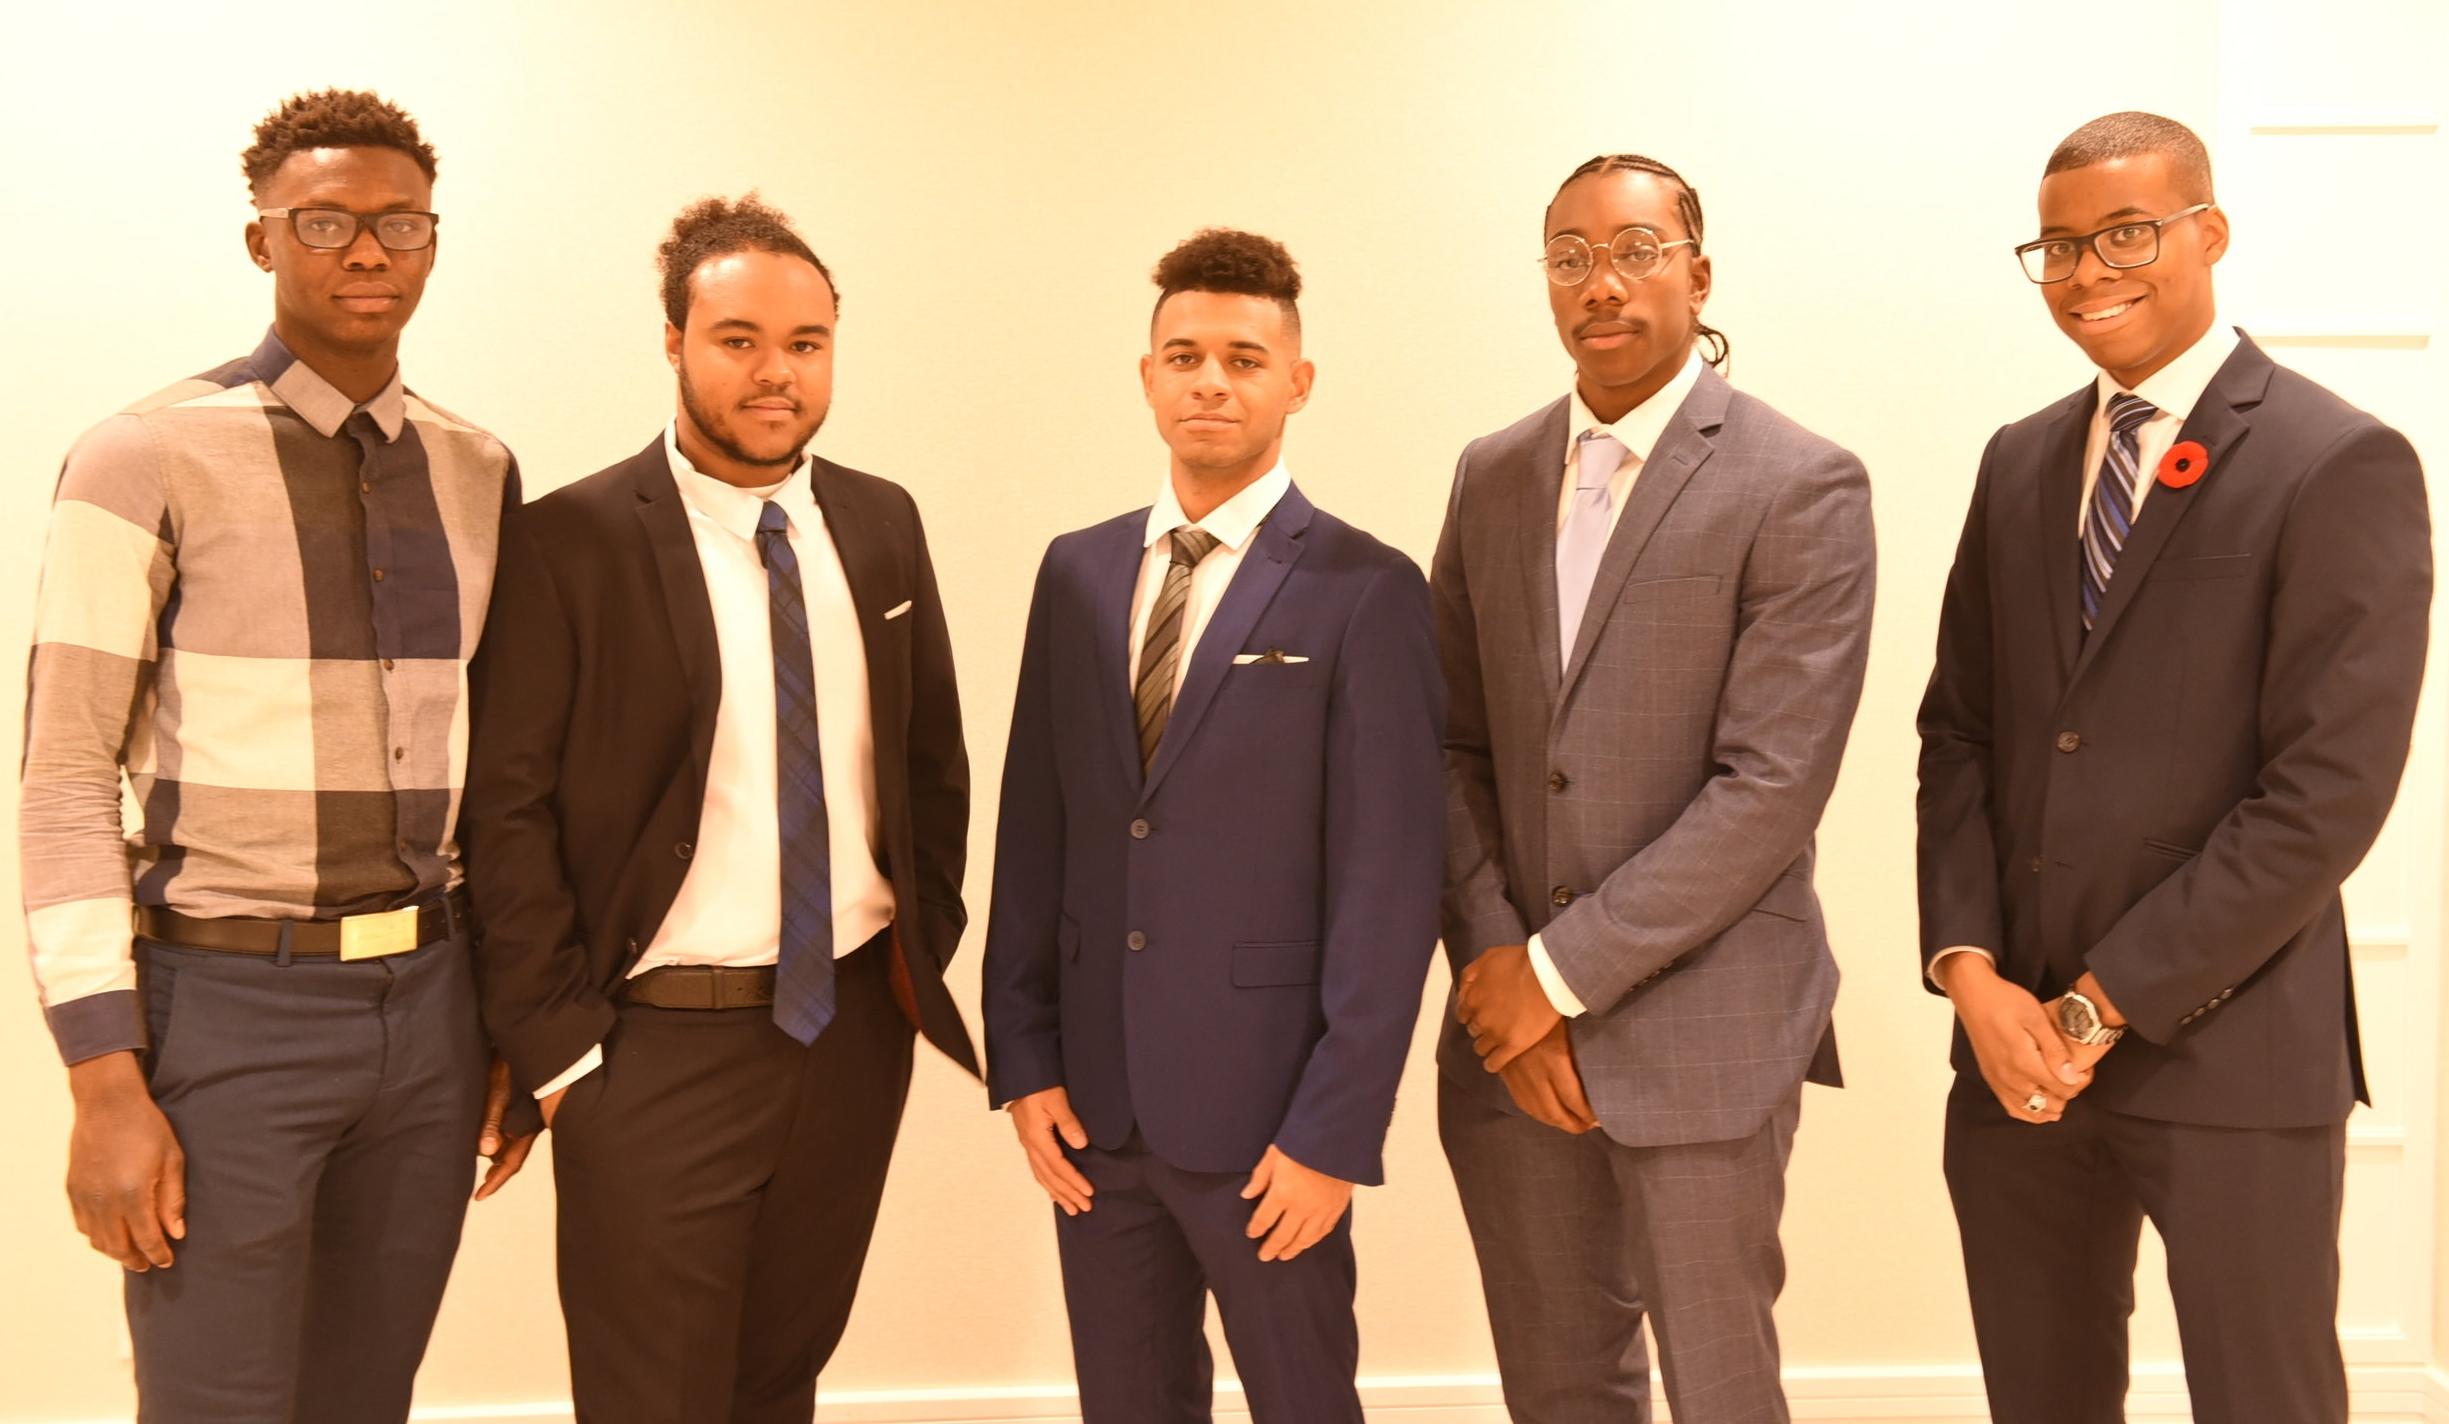 Ayomide Oyewunmi (l), Brandon Lanns, Destri Yhap, Halston Dryden & Mylan Allen